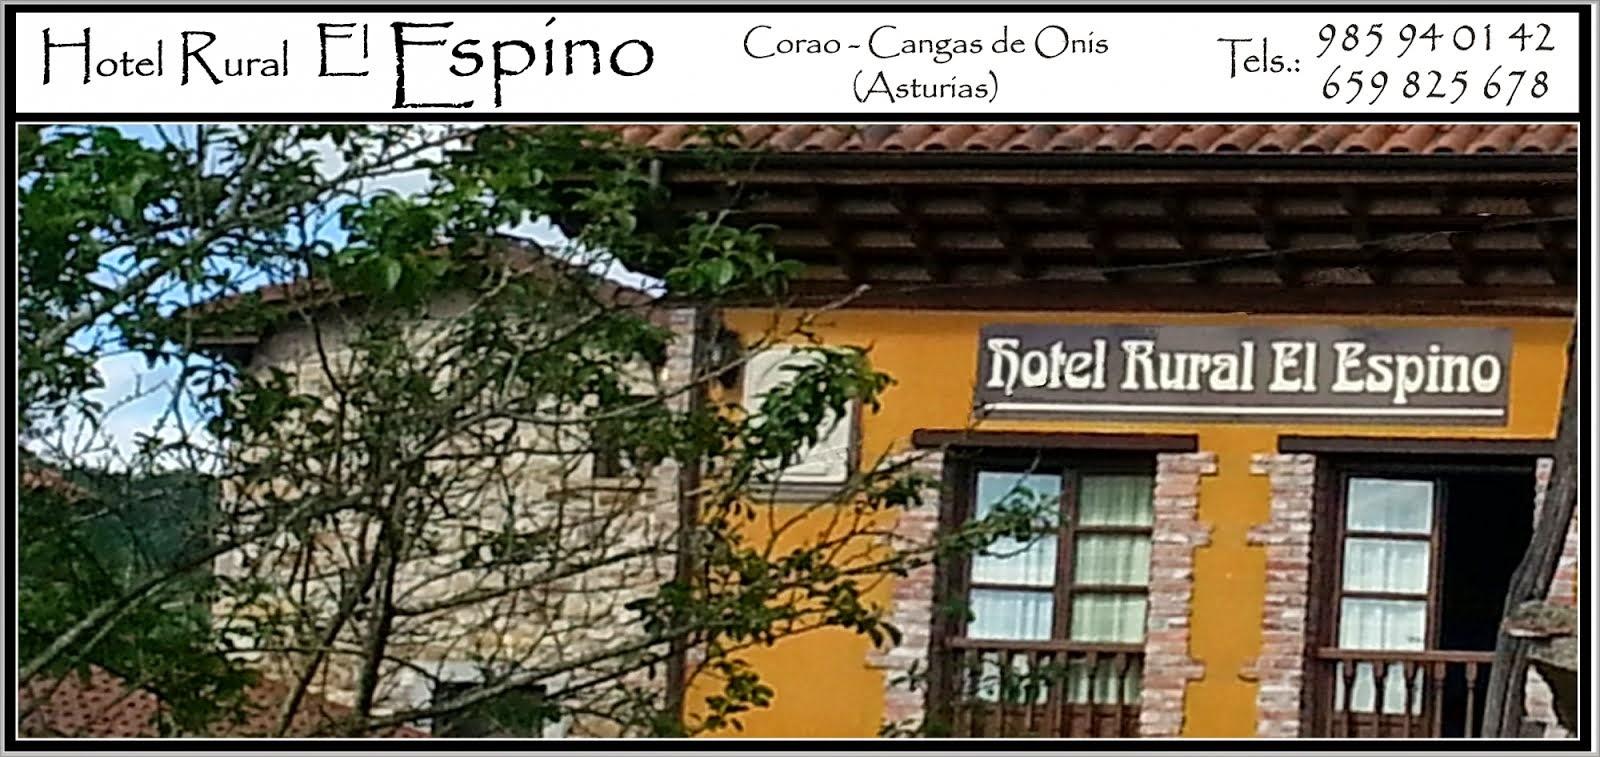 > Hotel Rural El Espino. Corao. Cangas de Onís